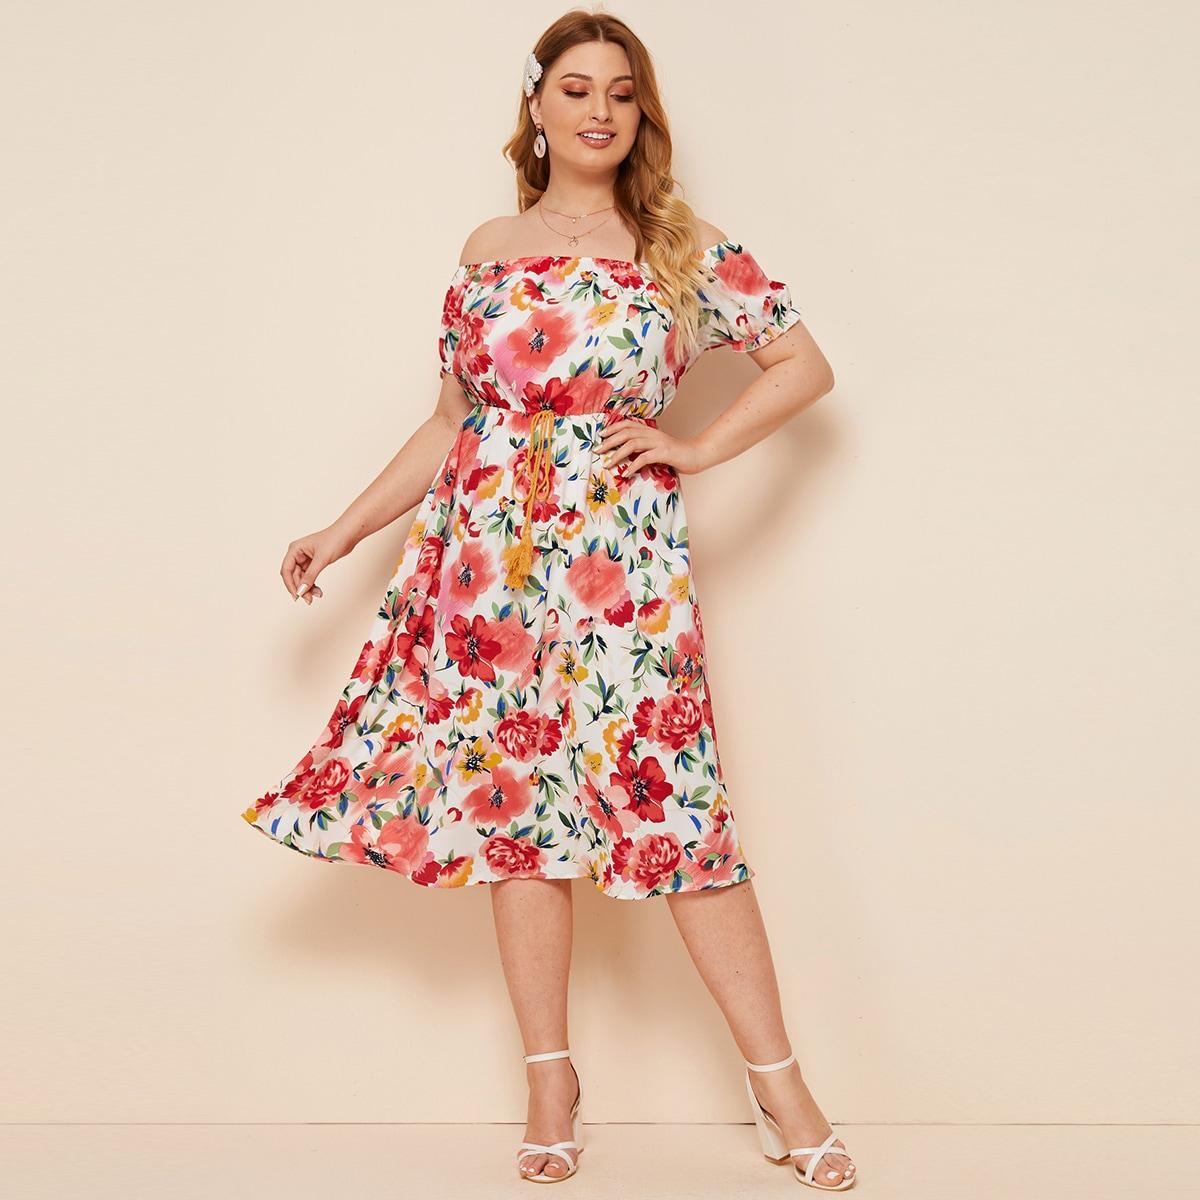 Платье размера плюс с открытыми плечами и цветочным принтом фото